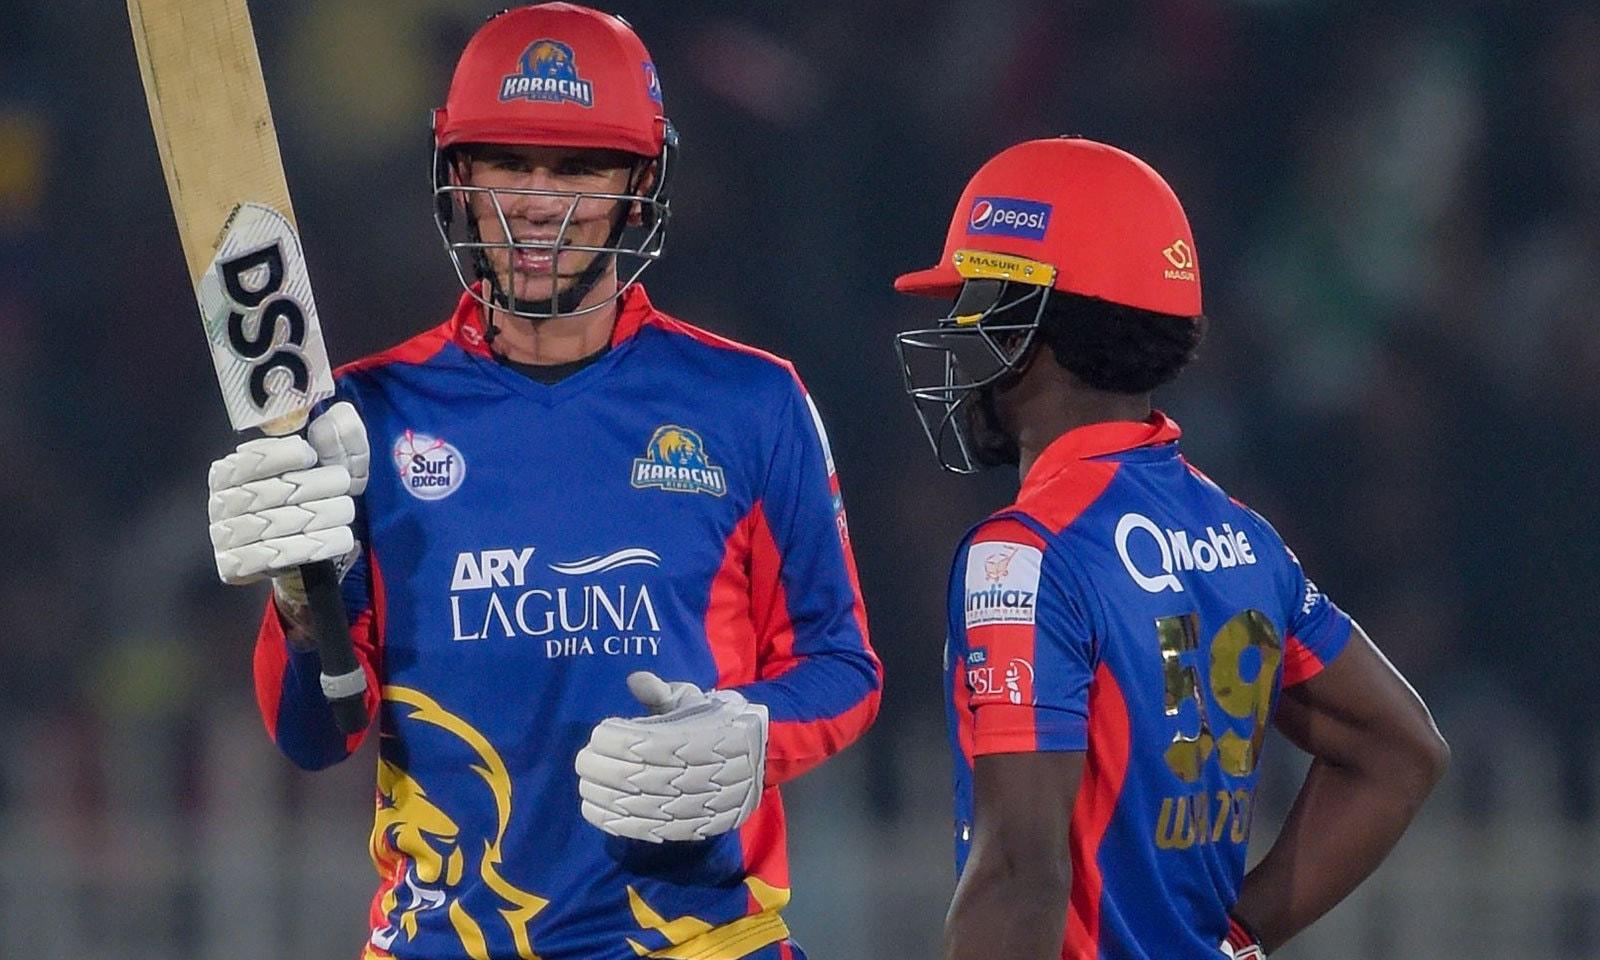 کراچی کی جانب سے شاندار کارکردگی پر ہیلز کو میچ کا بہترین کھلاڑی قرار دیا گیا—فوٹو:اے ایف پی